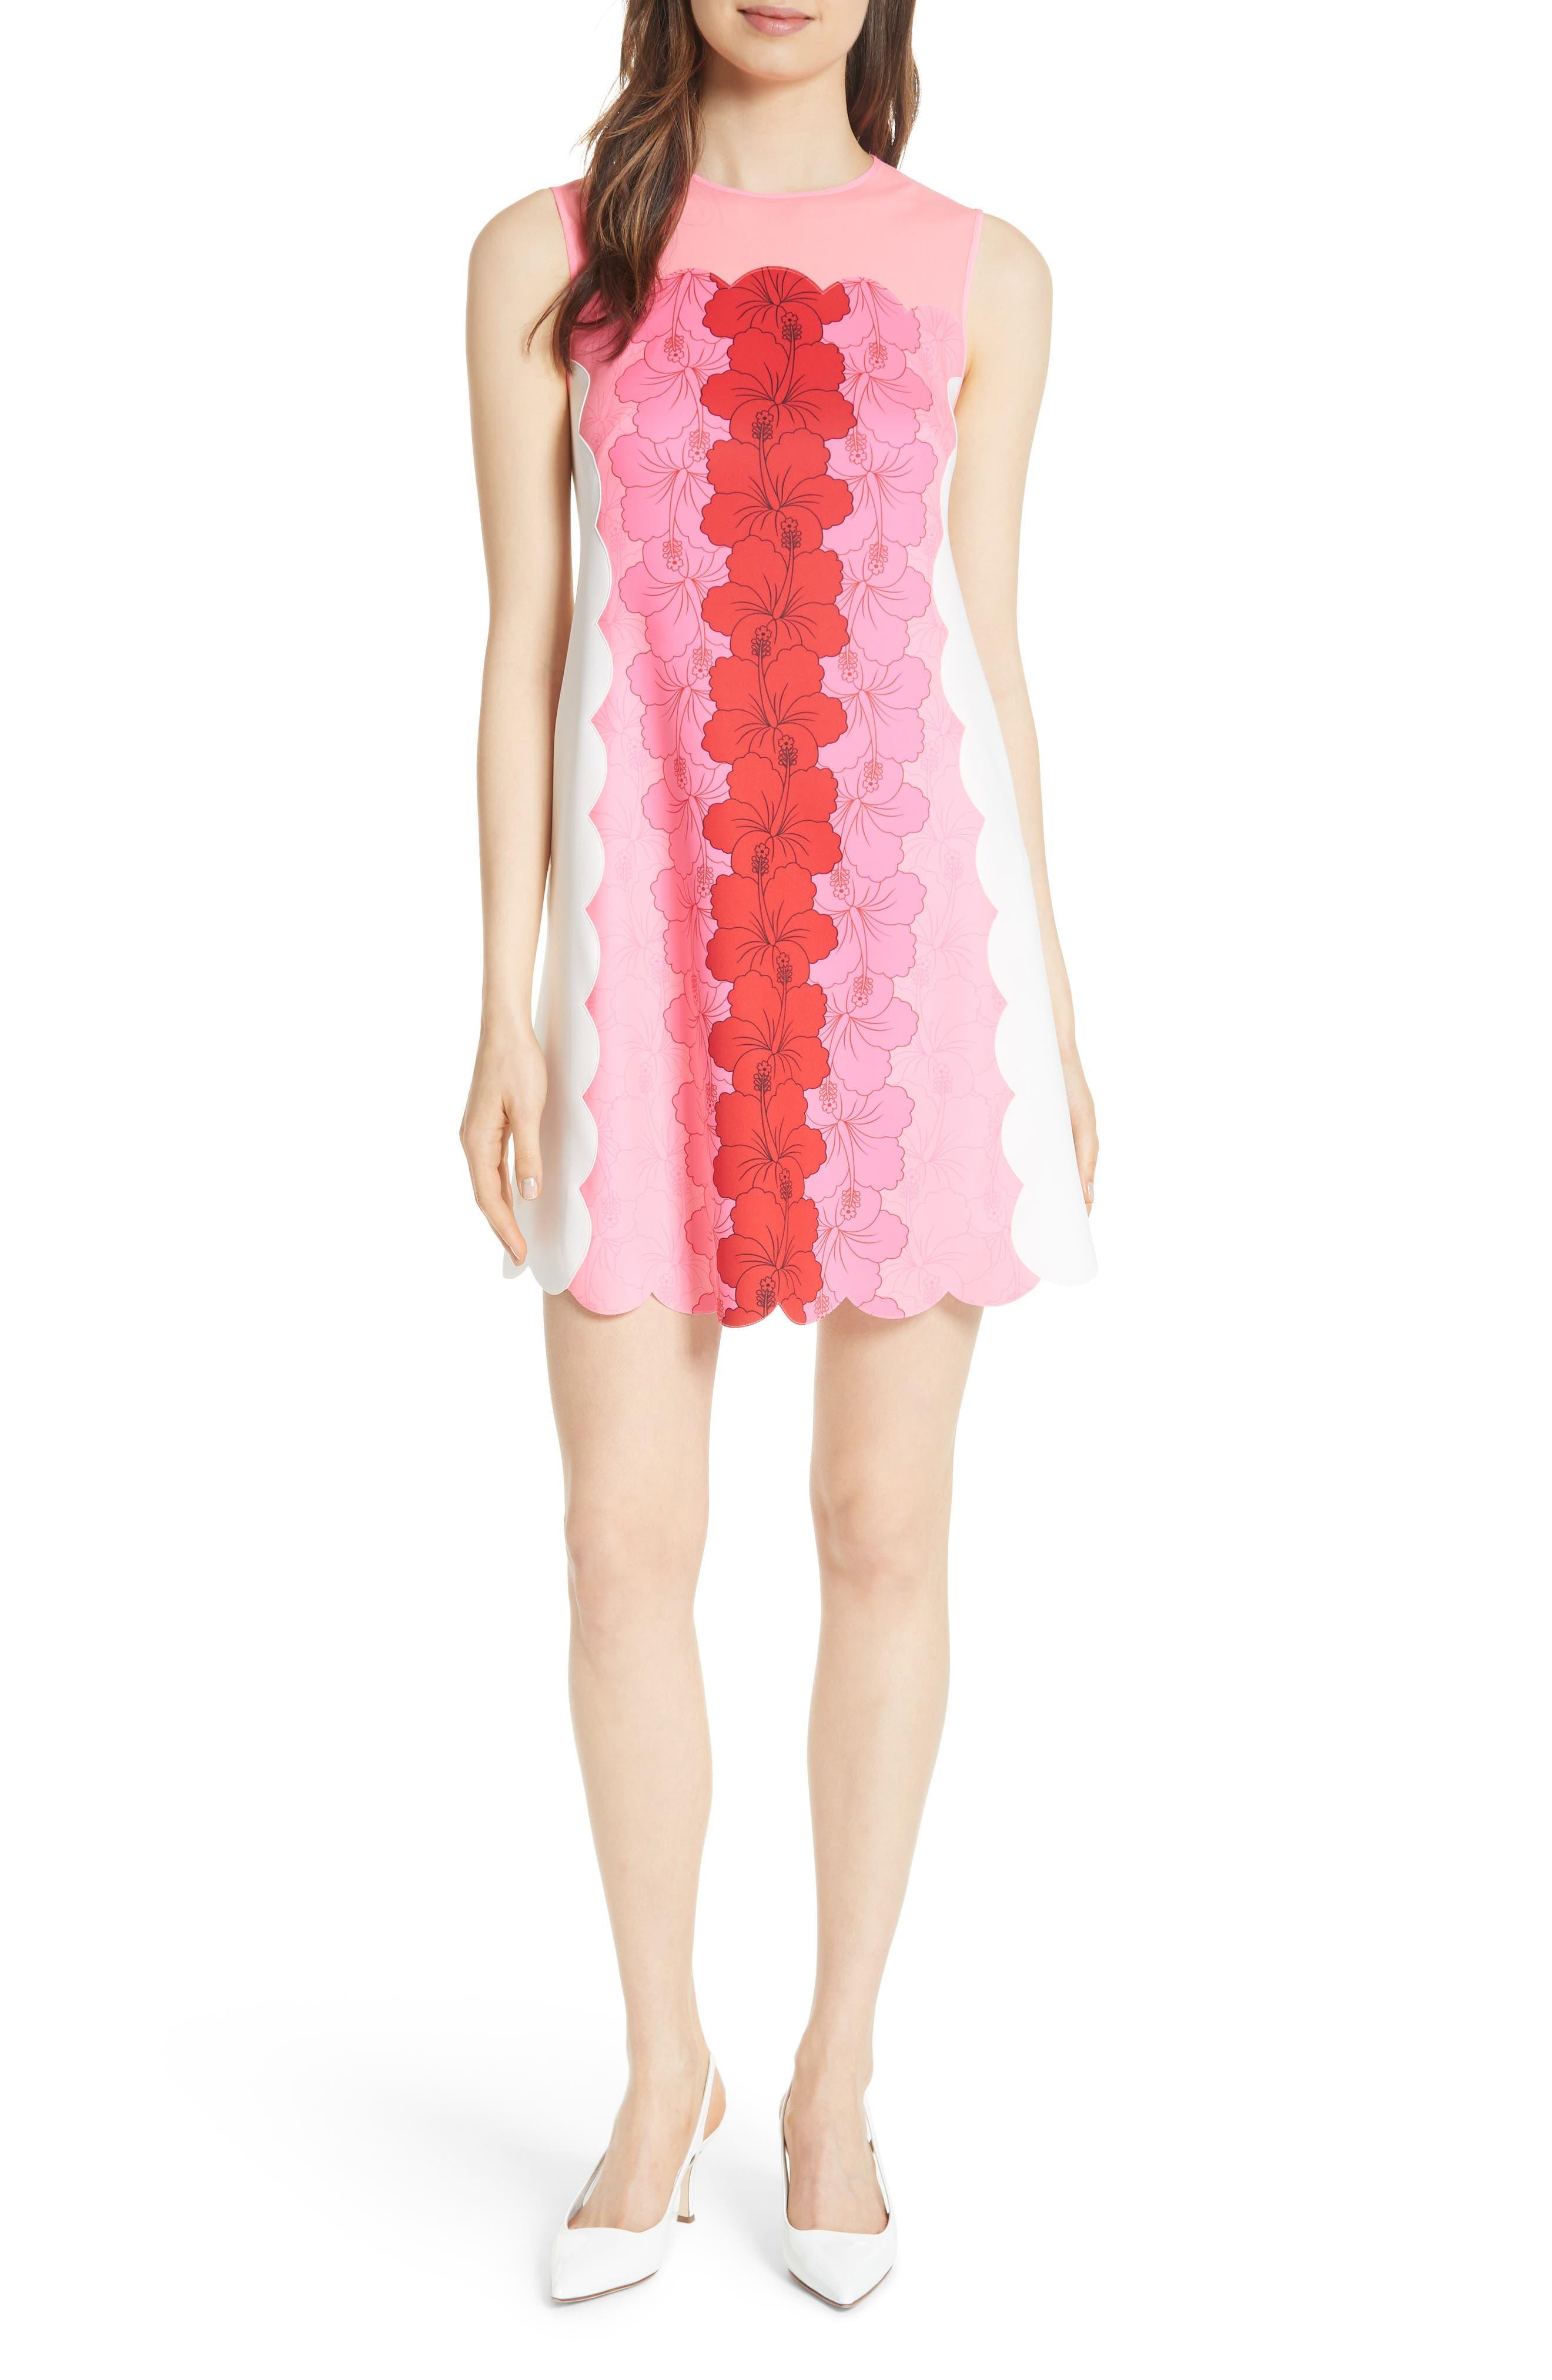 Angge Happiness Dress,                             Main thumbnail 1, color,                             Neon Pink